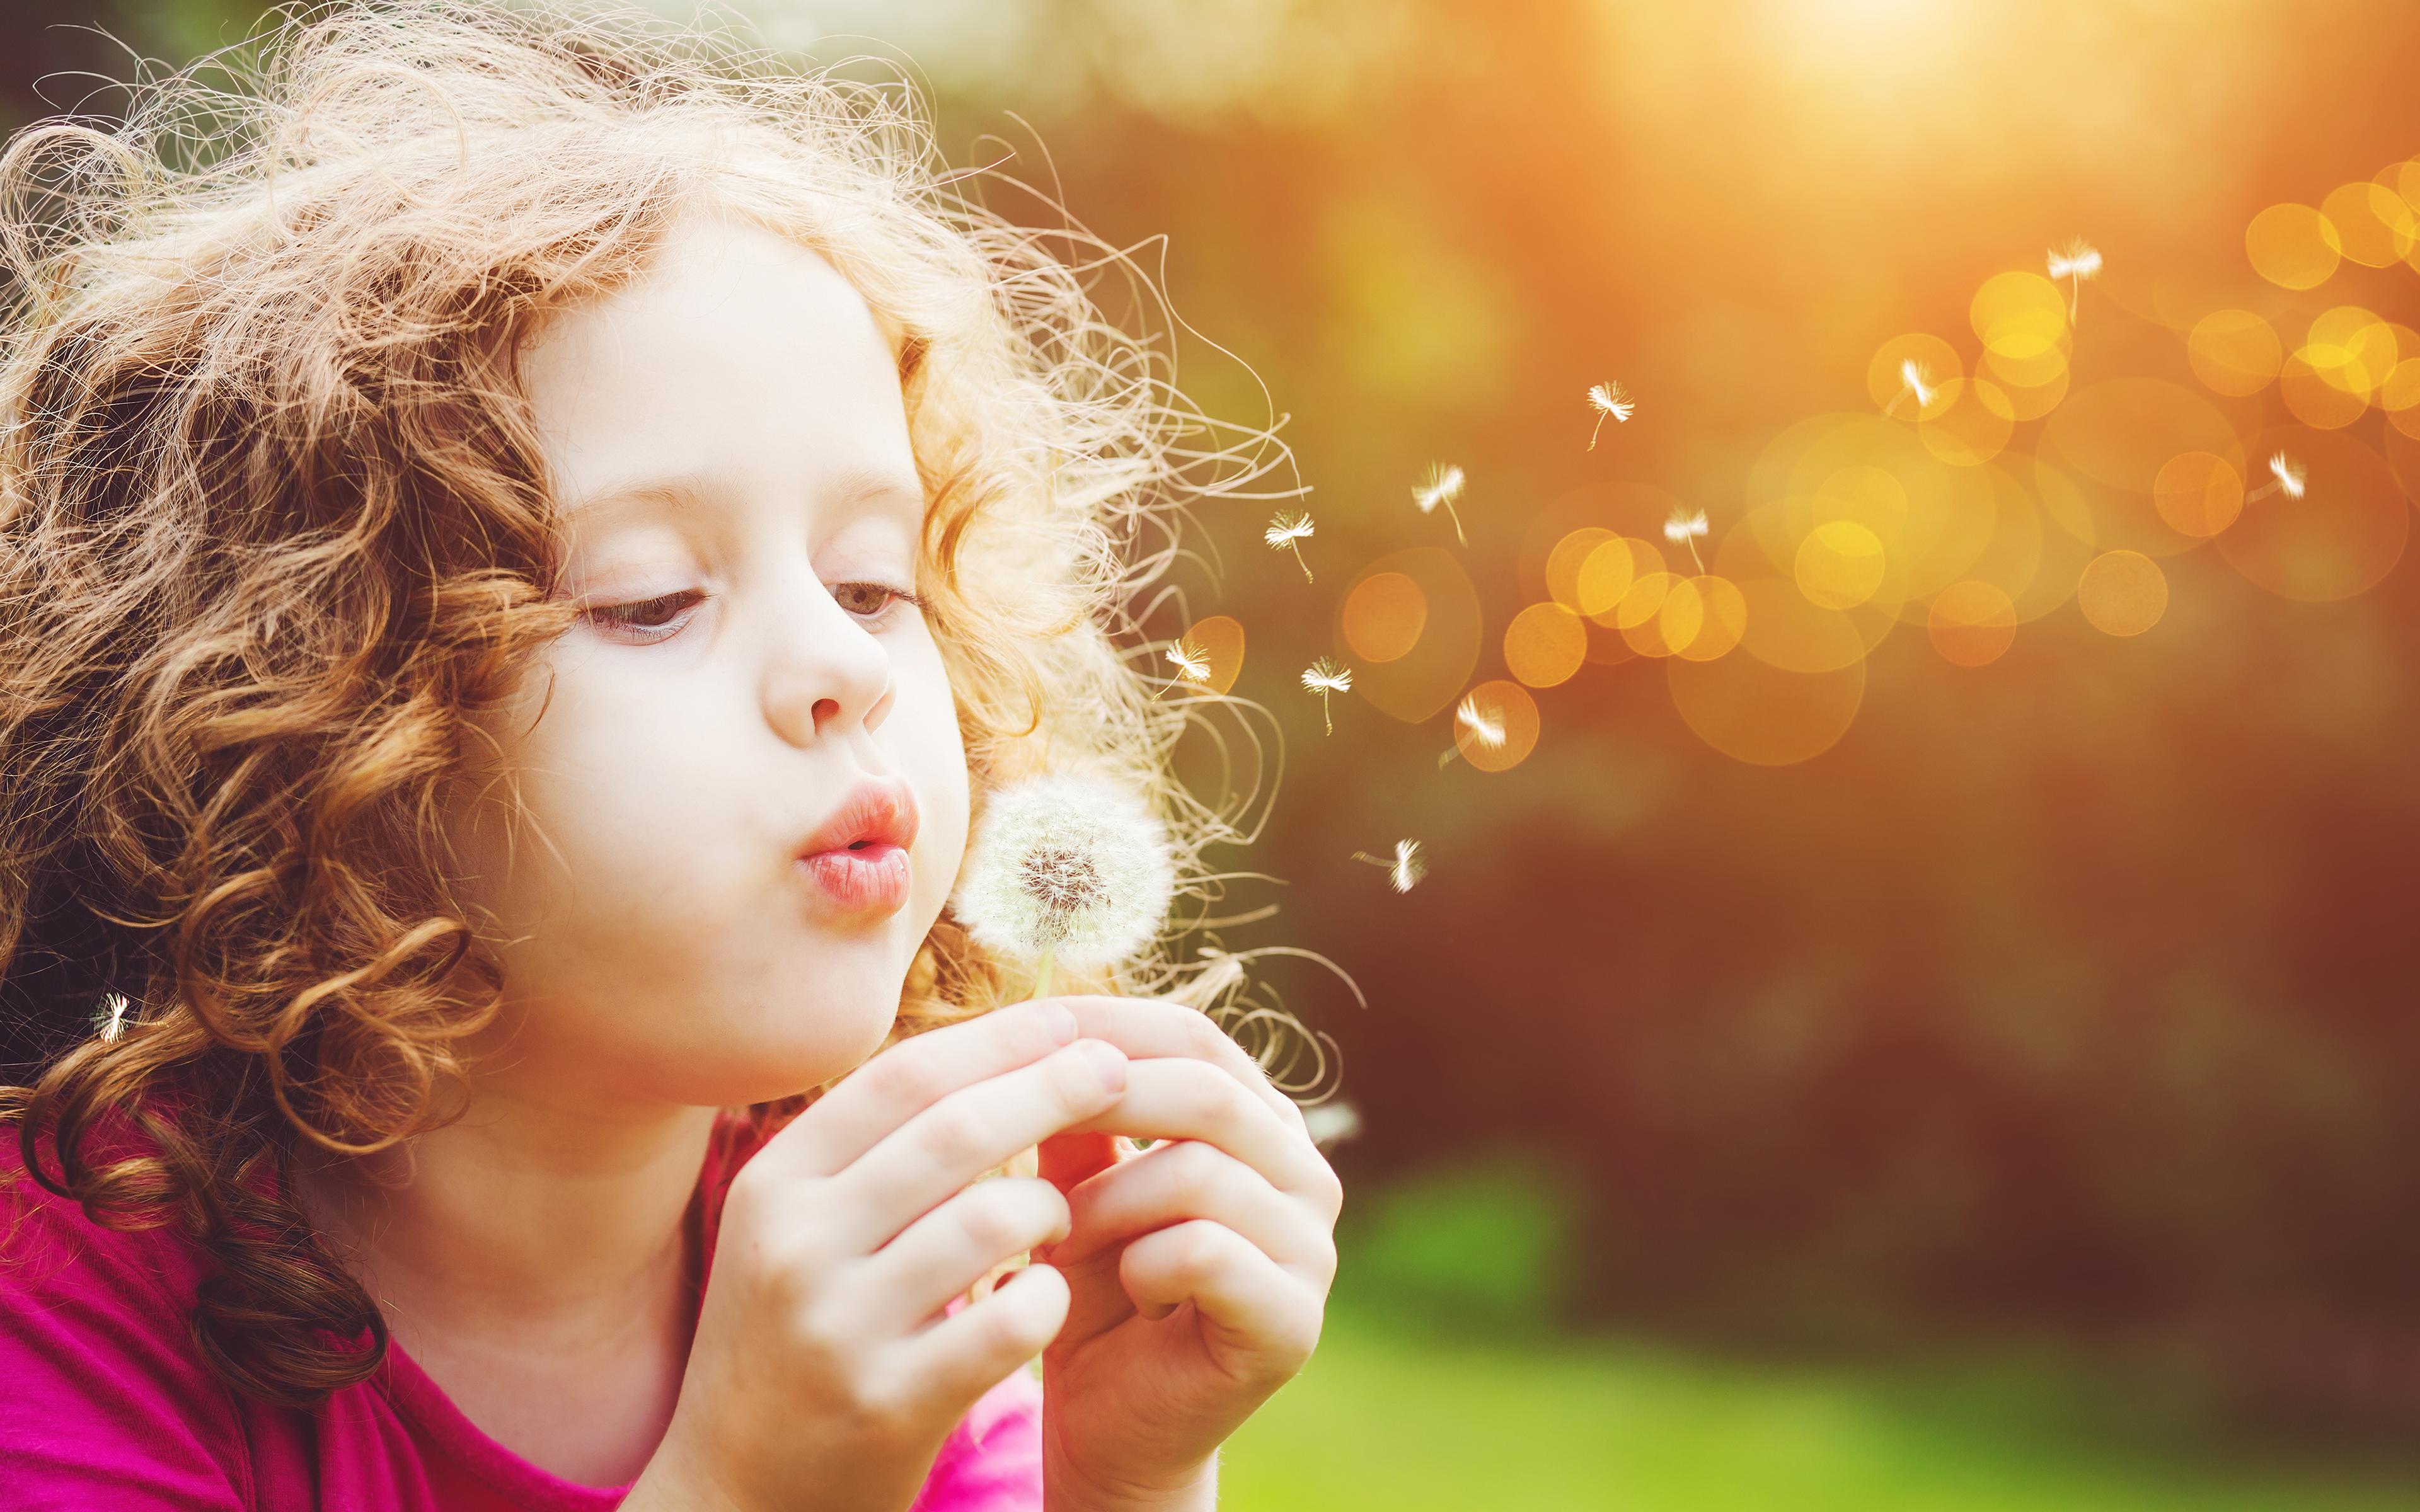 Обои настроение, Девочка, цветок. Настроения foto 18